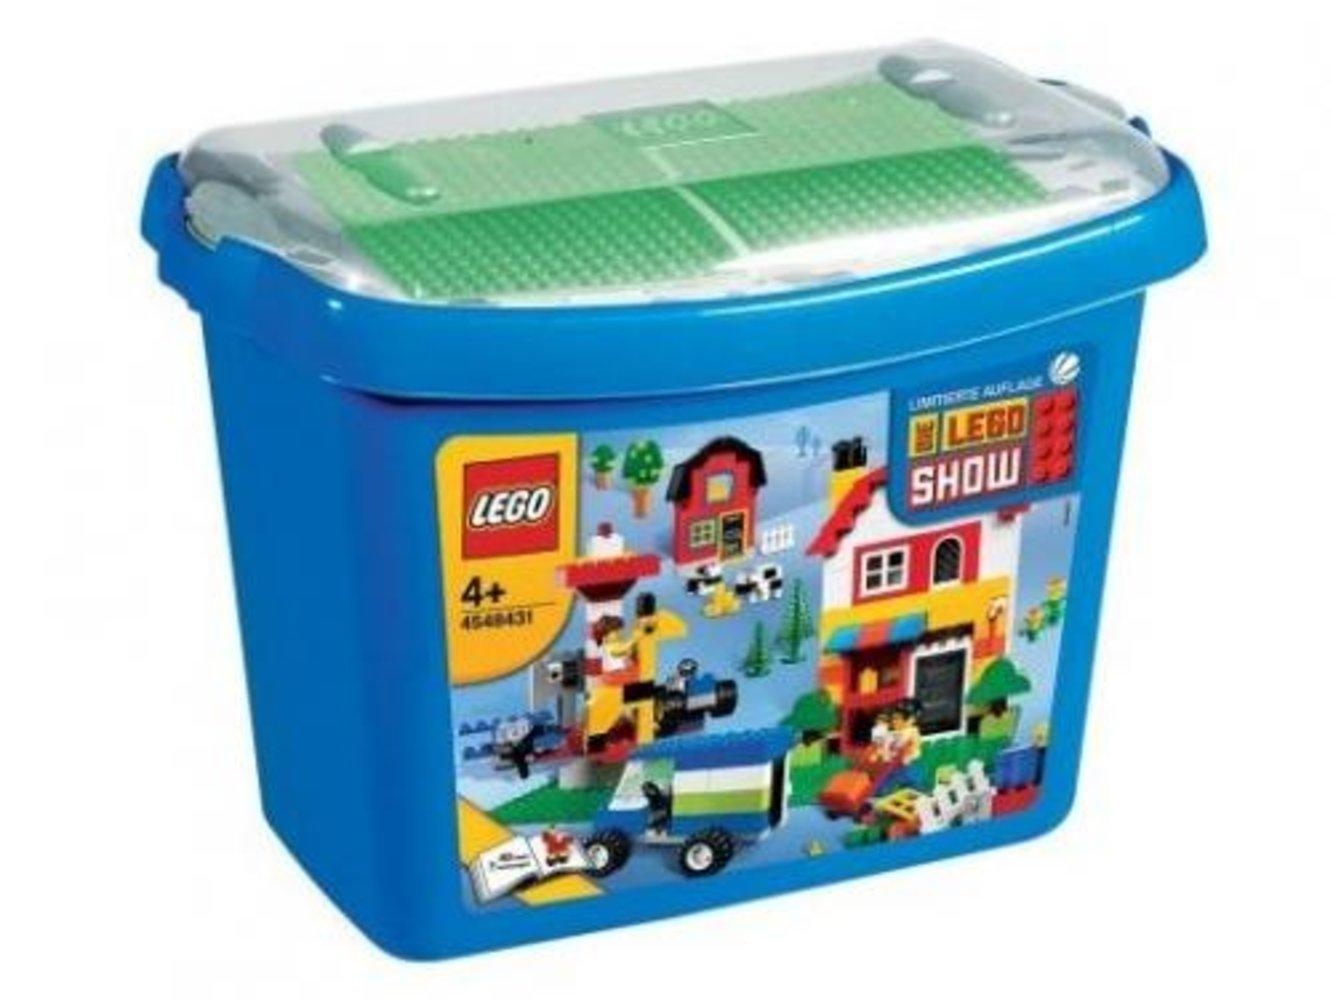 Brick Tub 'Die Lego Show' - Limited Edition